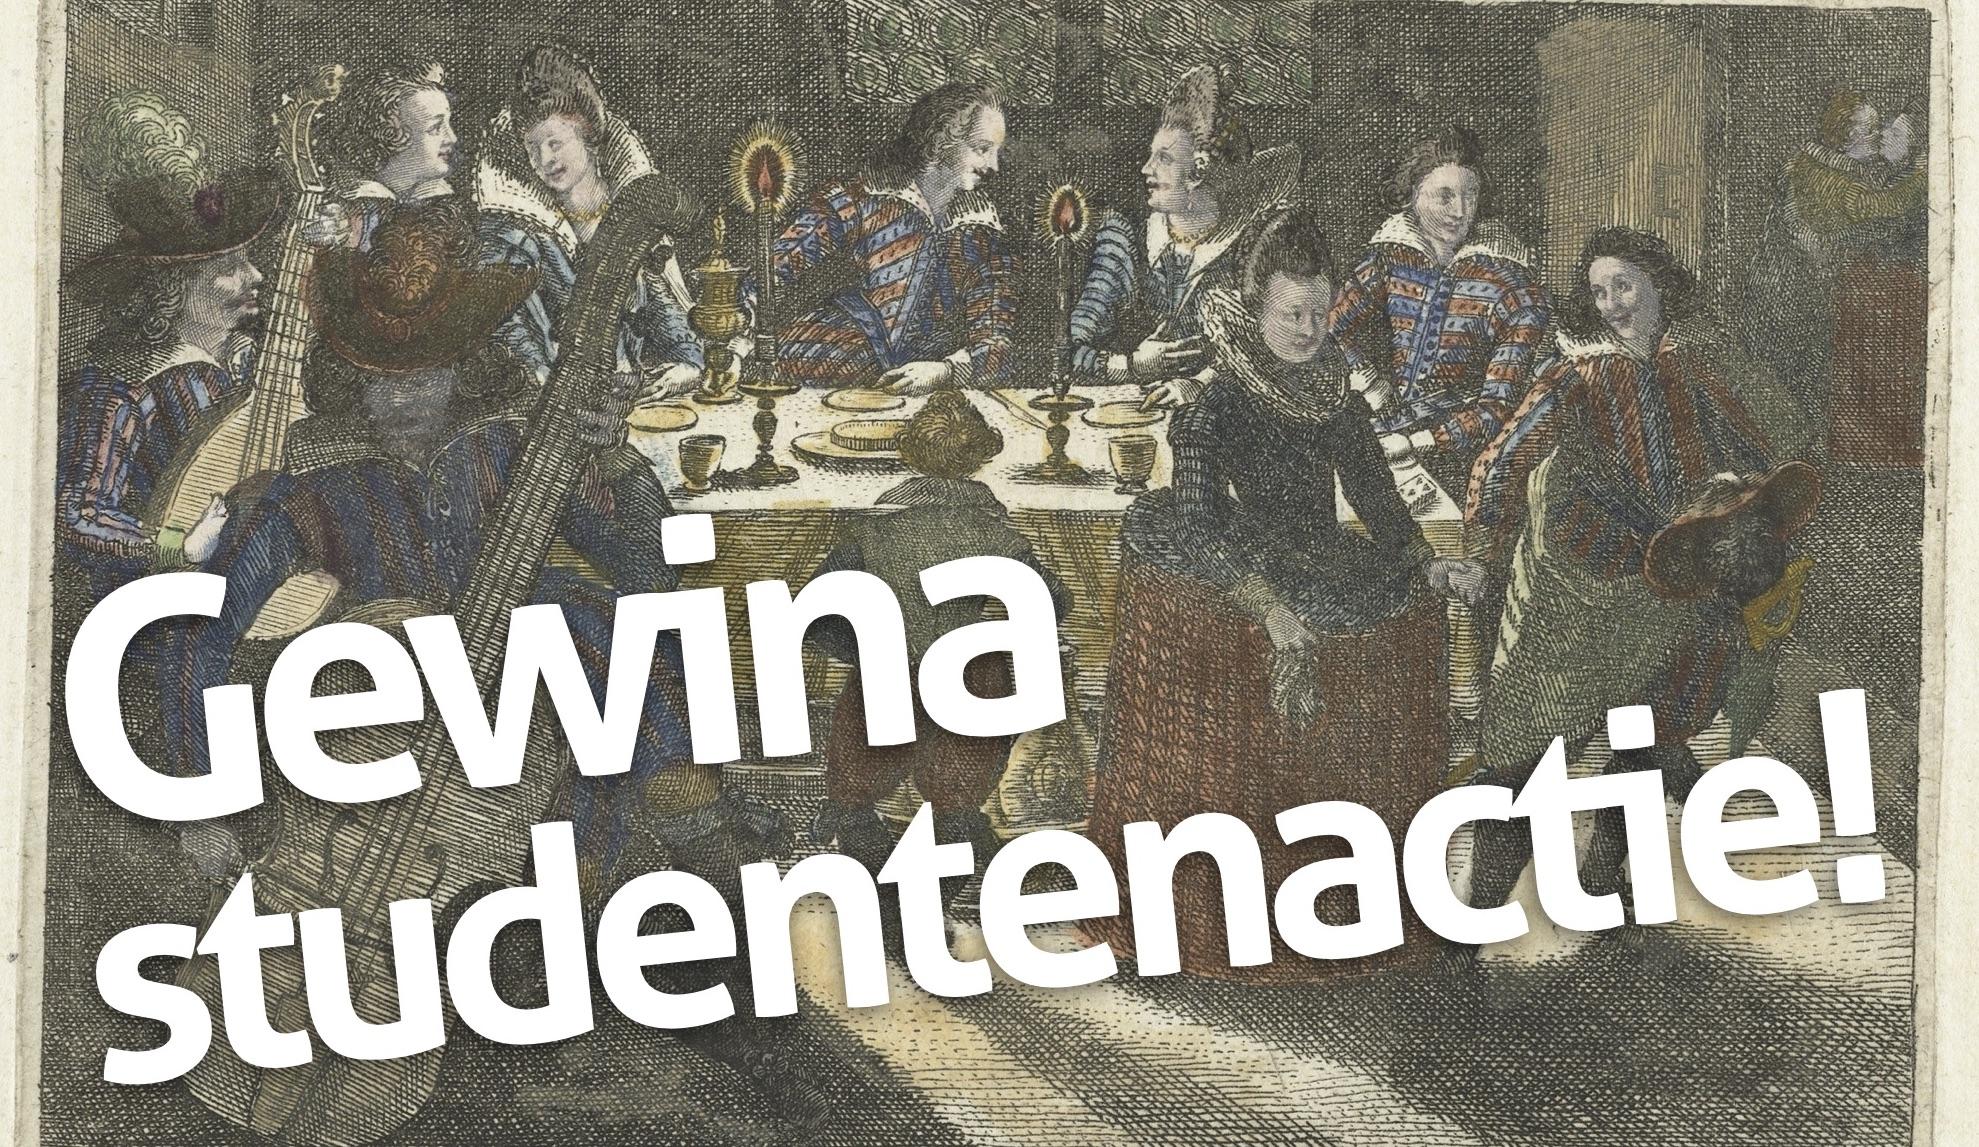 Studentenactie met 17e eeuwse afbeelding van dinerende en dansende studenten